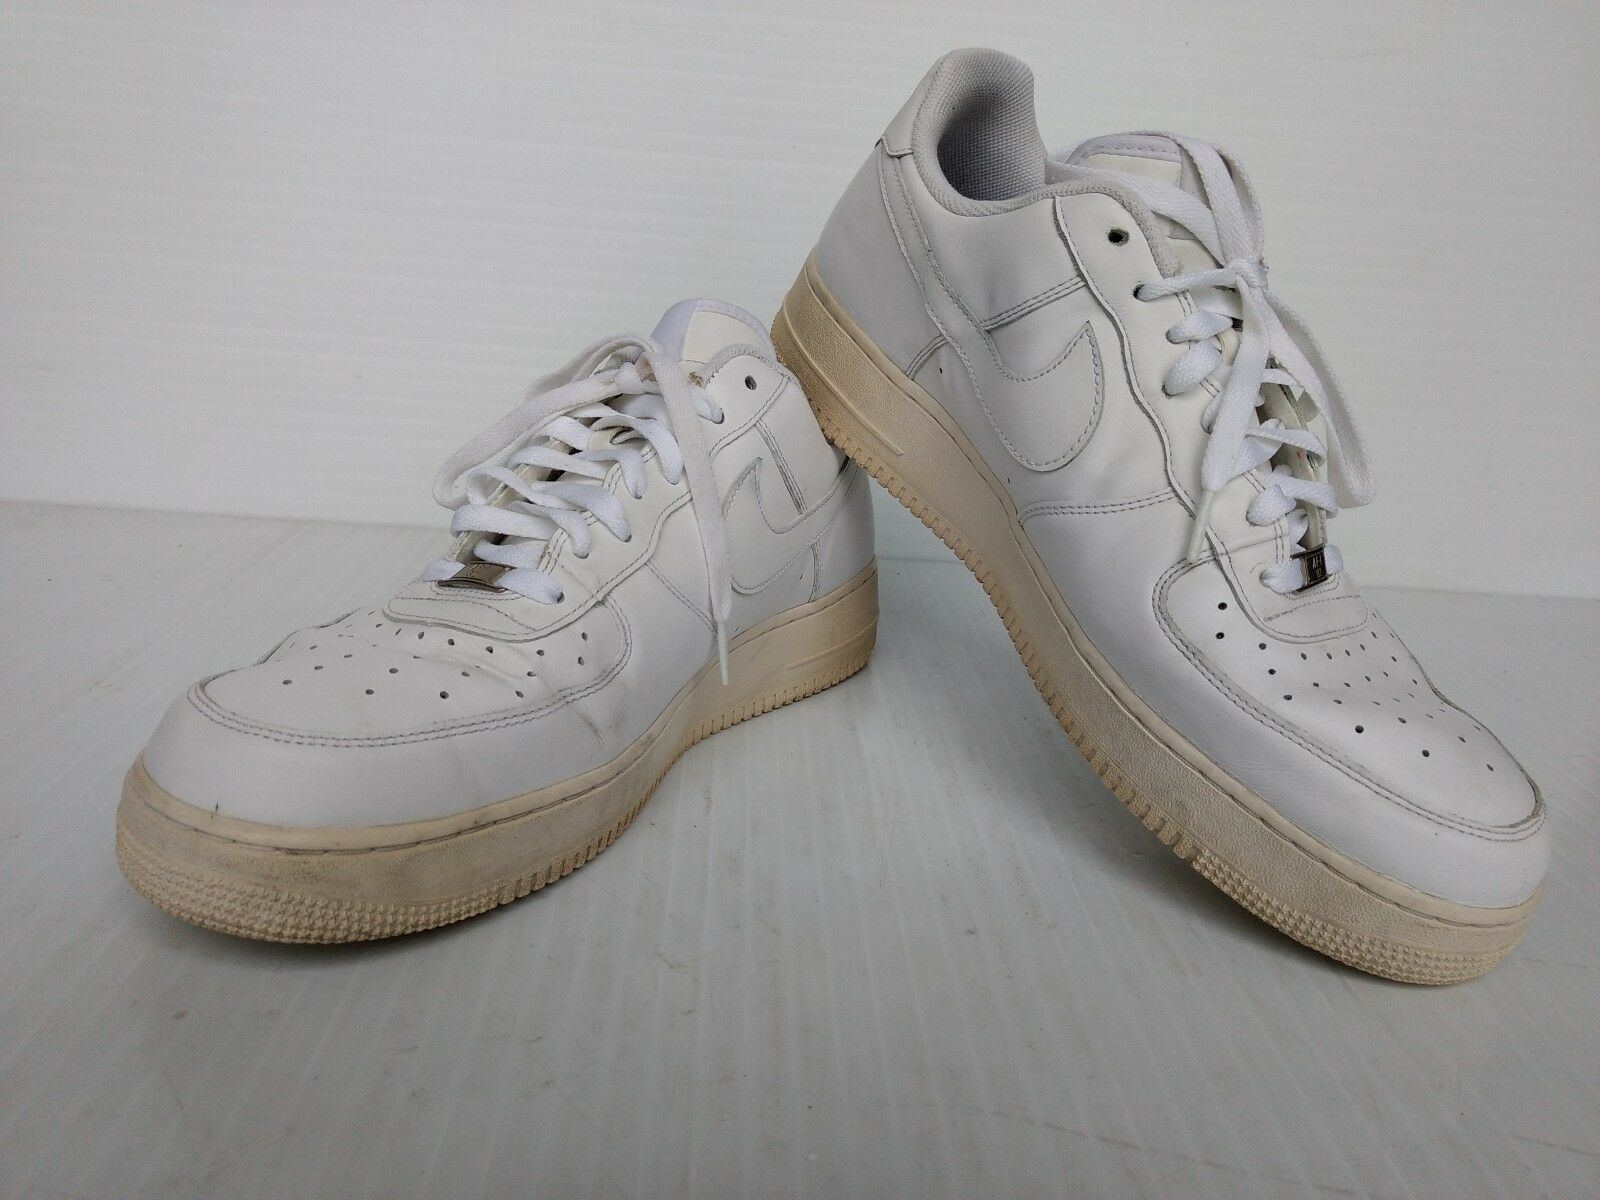 nike air air air force af1 - 82 uomini scarpe bianche 315122-111 numero 14 | Ottimo mestiere  | La Qualità Del Prodotto  | Design ricco  | Scolaro/Ragazze Scarpa  252289